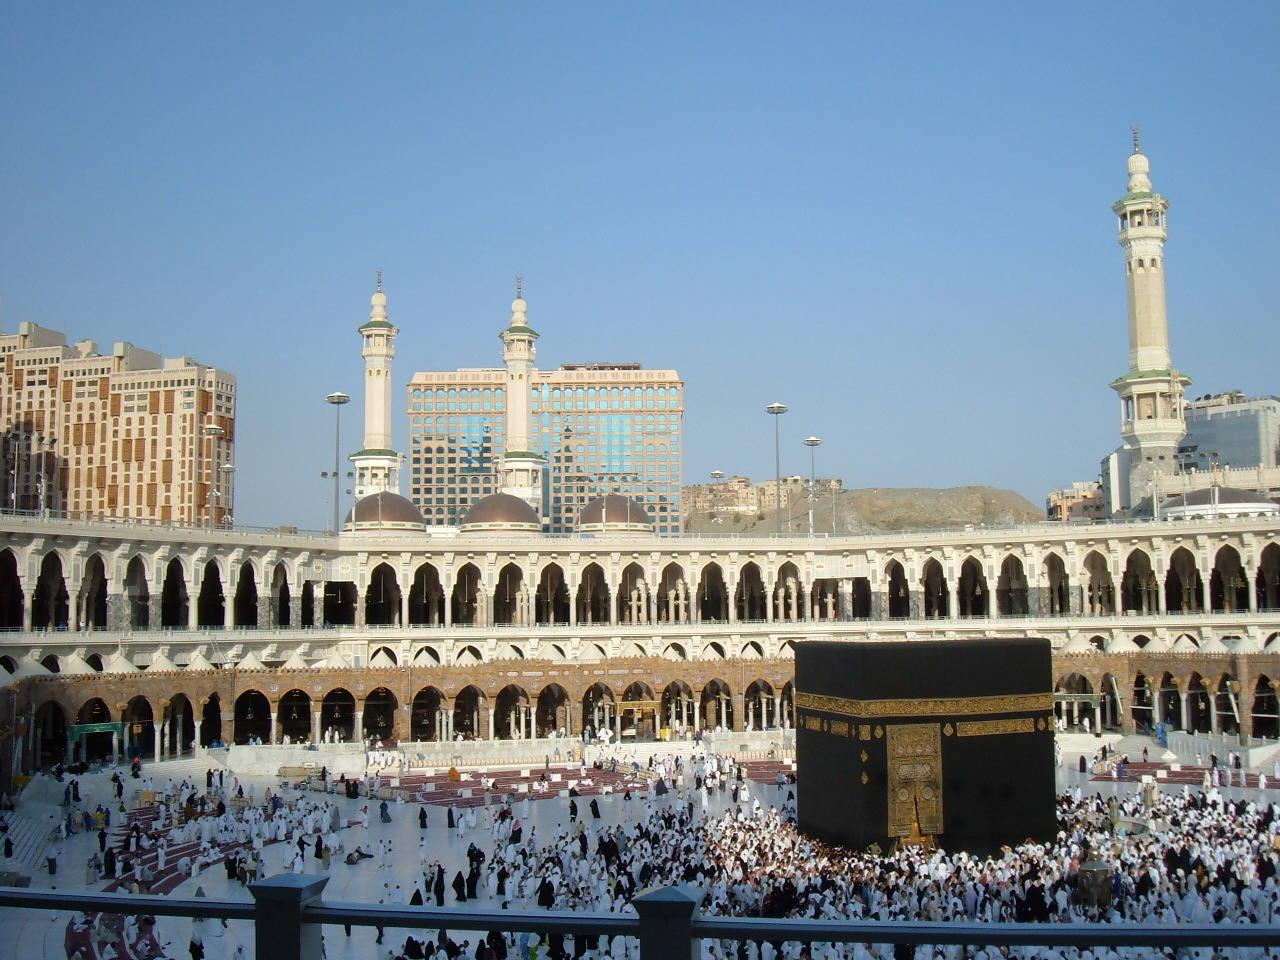 صور مكة hd , ابهي الصور لمكة المكرمة - حزن و الم